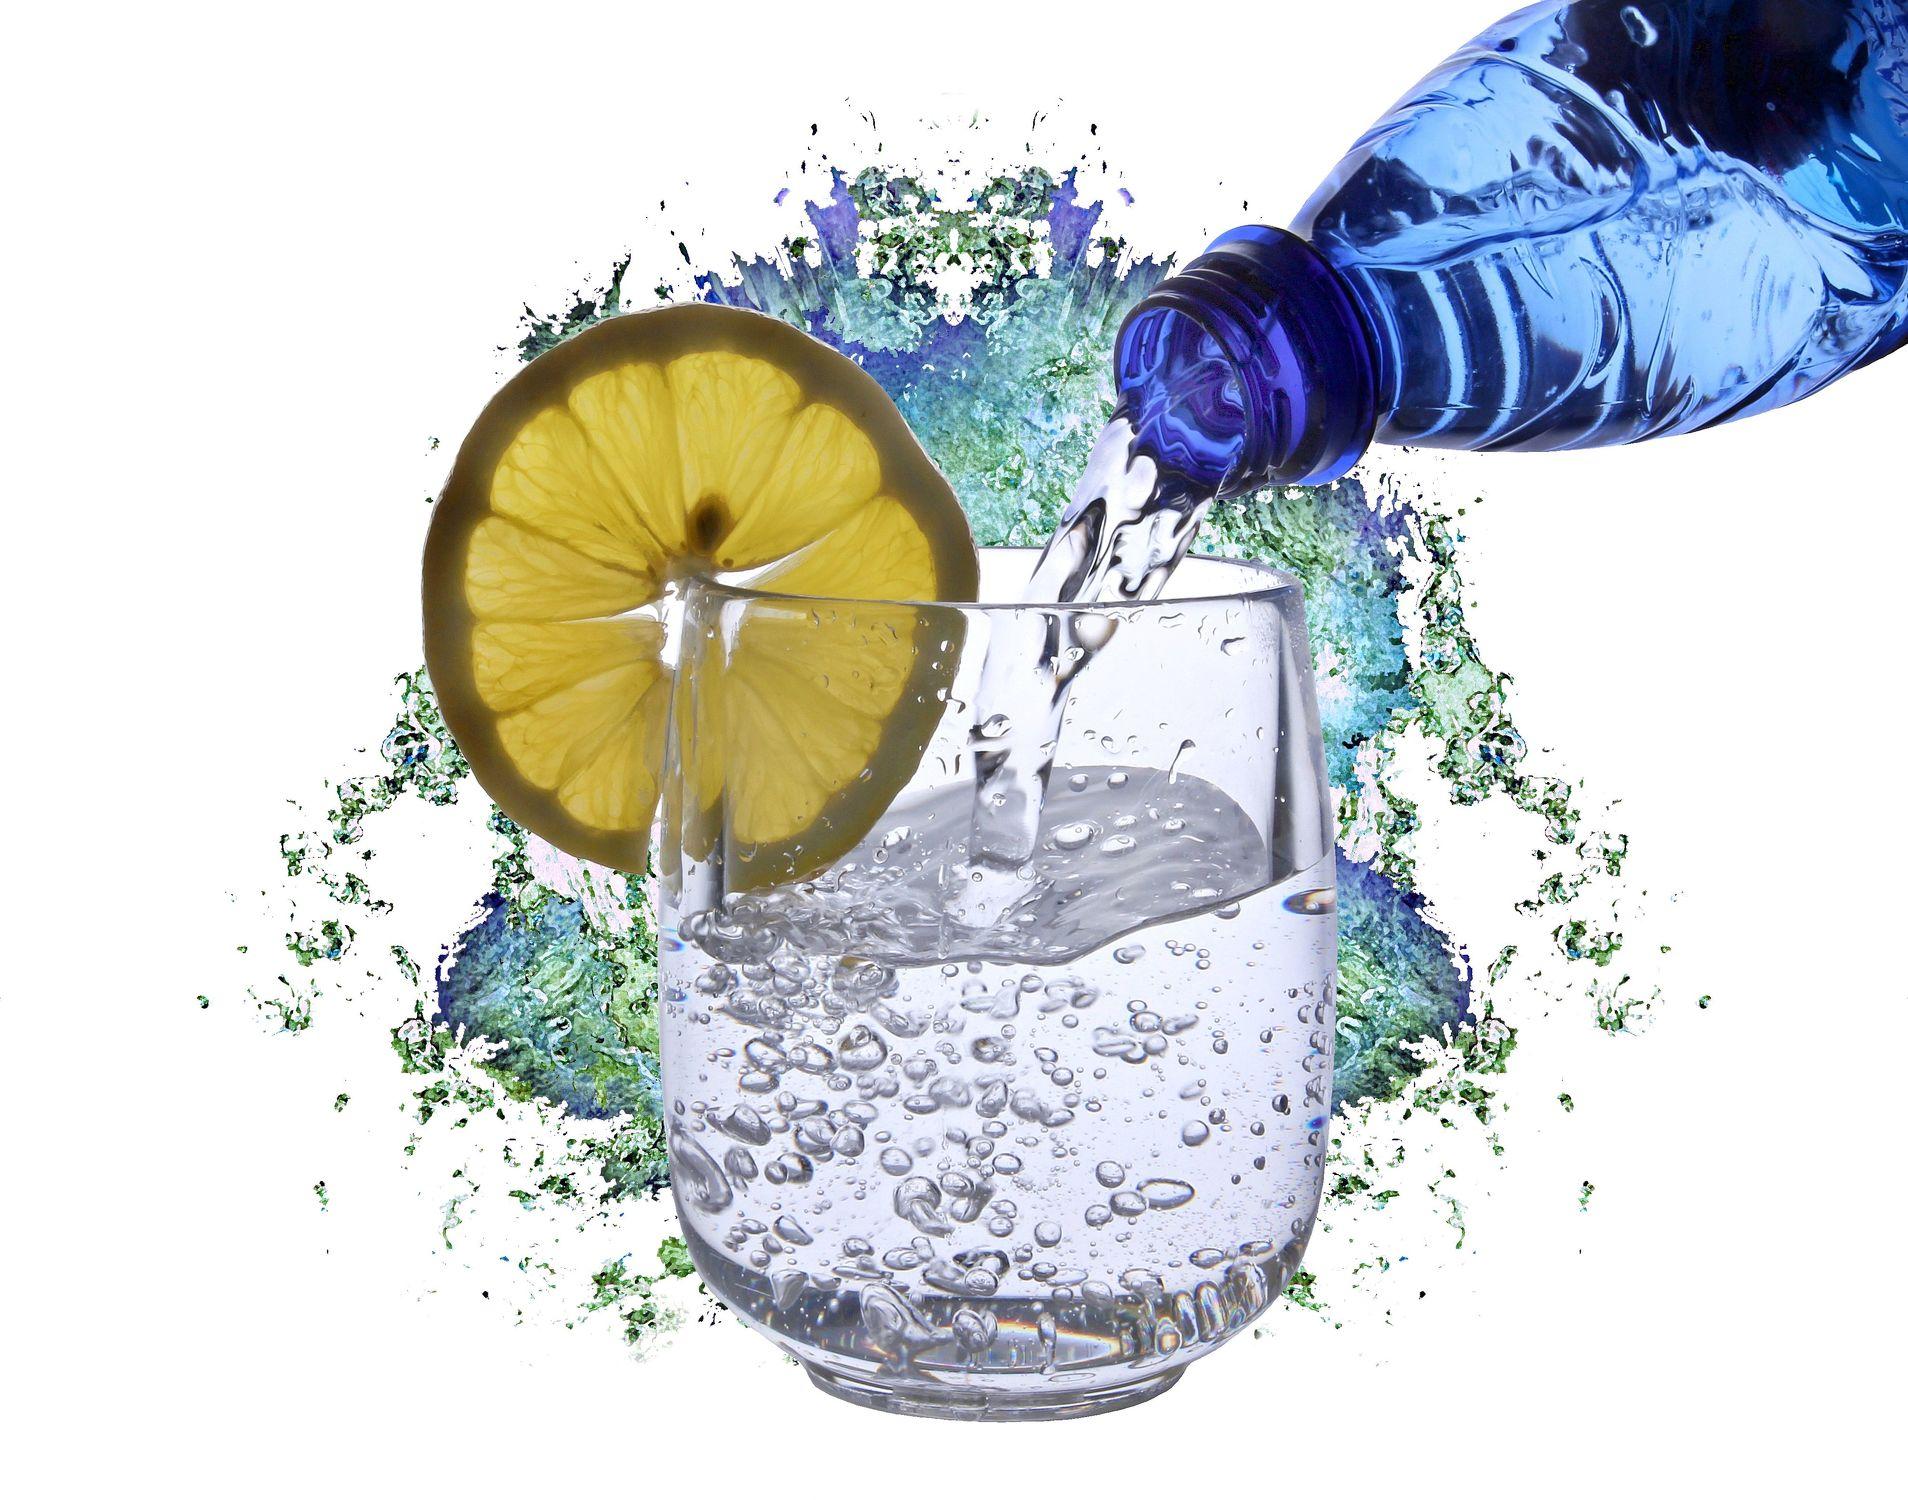 Bild mit Wasser, Wasser, Früchte, Frucht, Obst, Küchenbild, Wassertropfen, Food, Küchenbilder, KITCHEN, frisch, water, Getränk, Küche, Küchen, Drink, Zitrone, fresh, wasserflasche